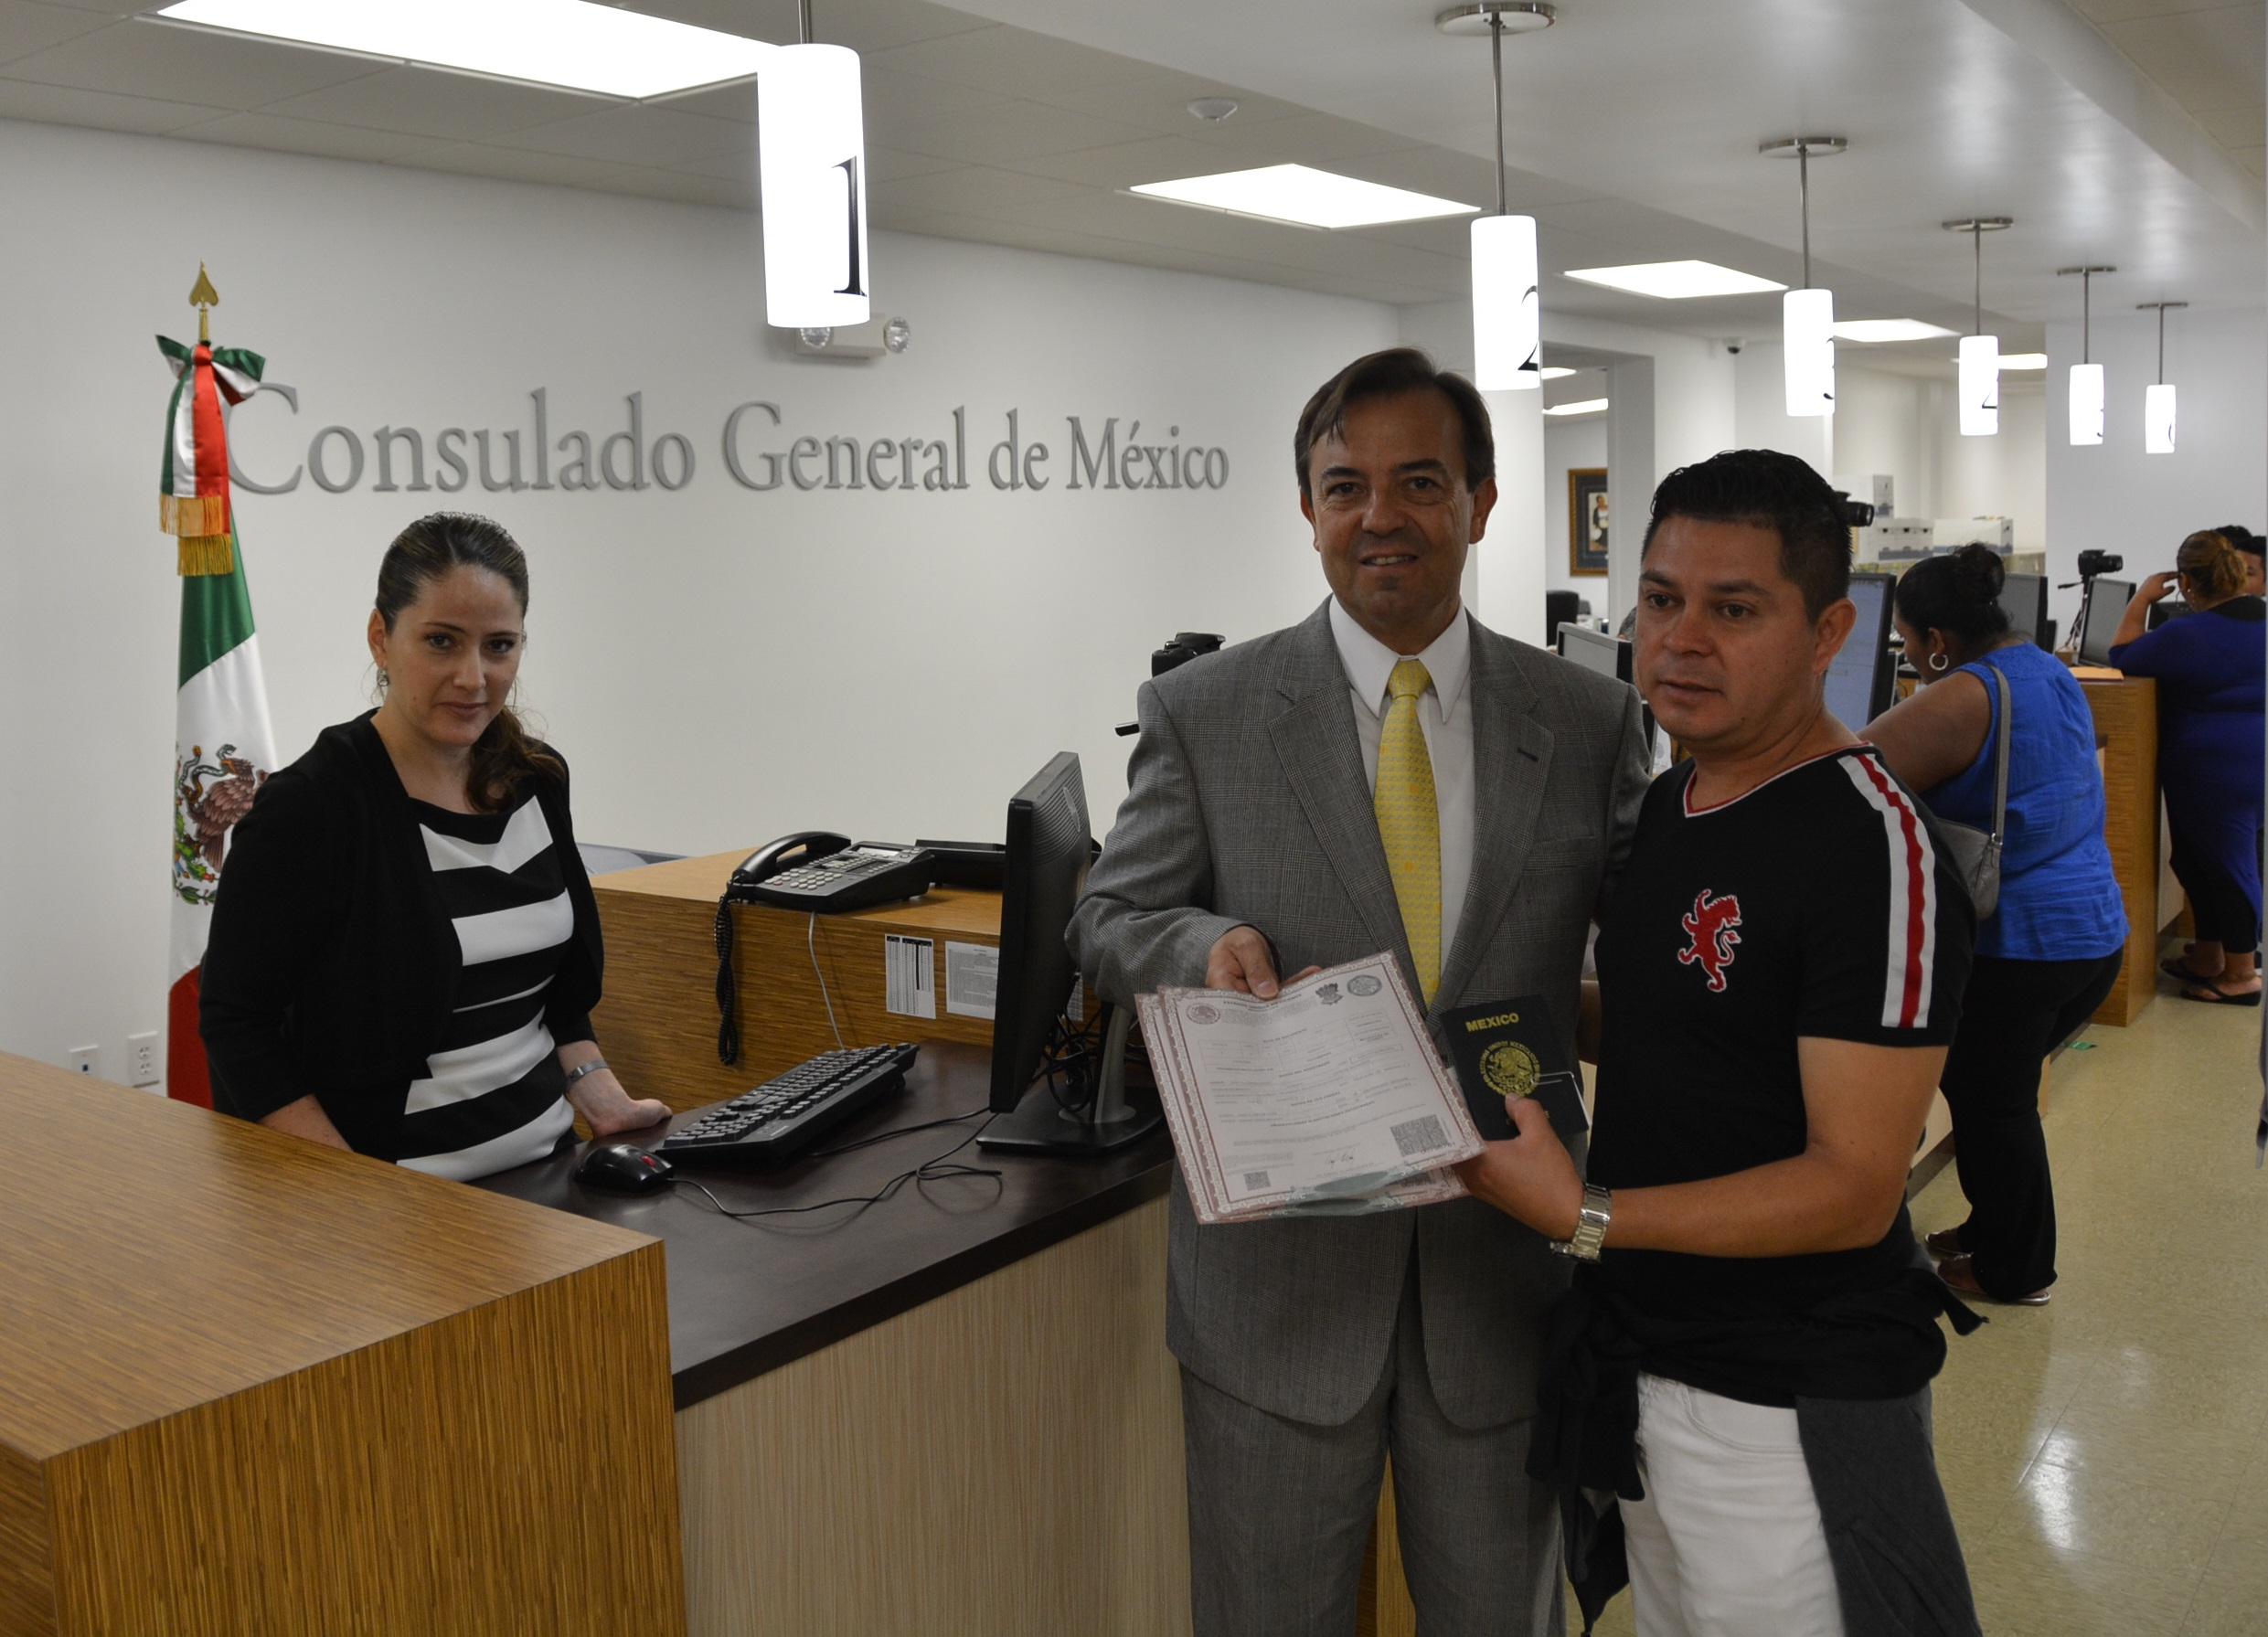 Embajadas y consulados de México comienzan a otorgar certificados de ...